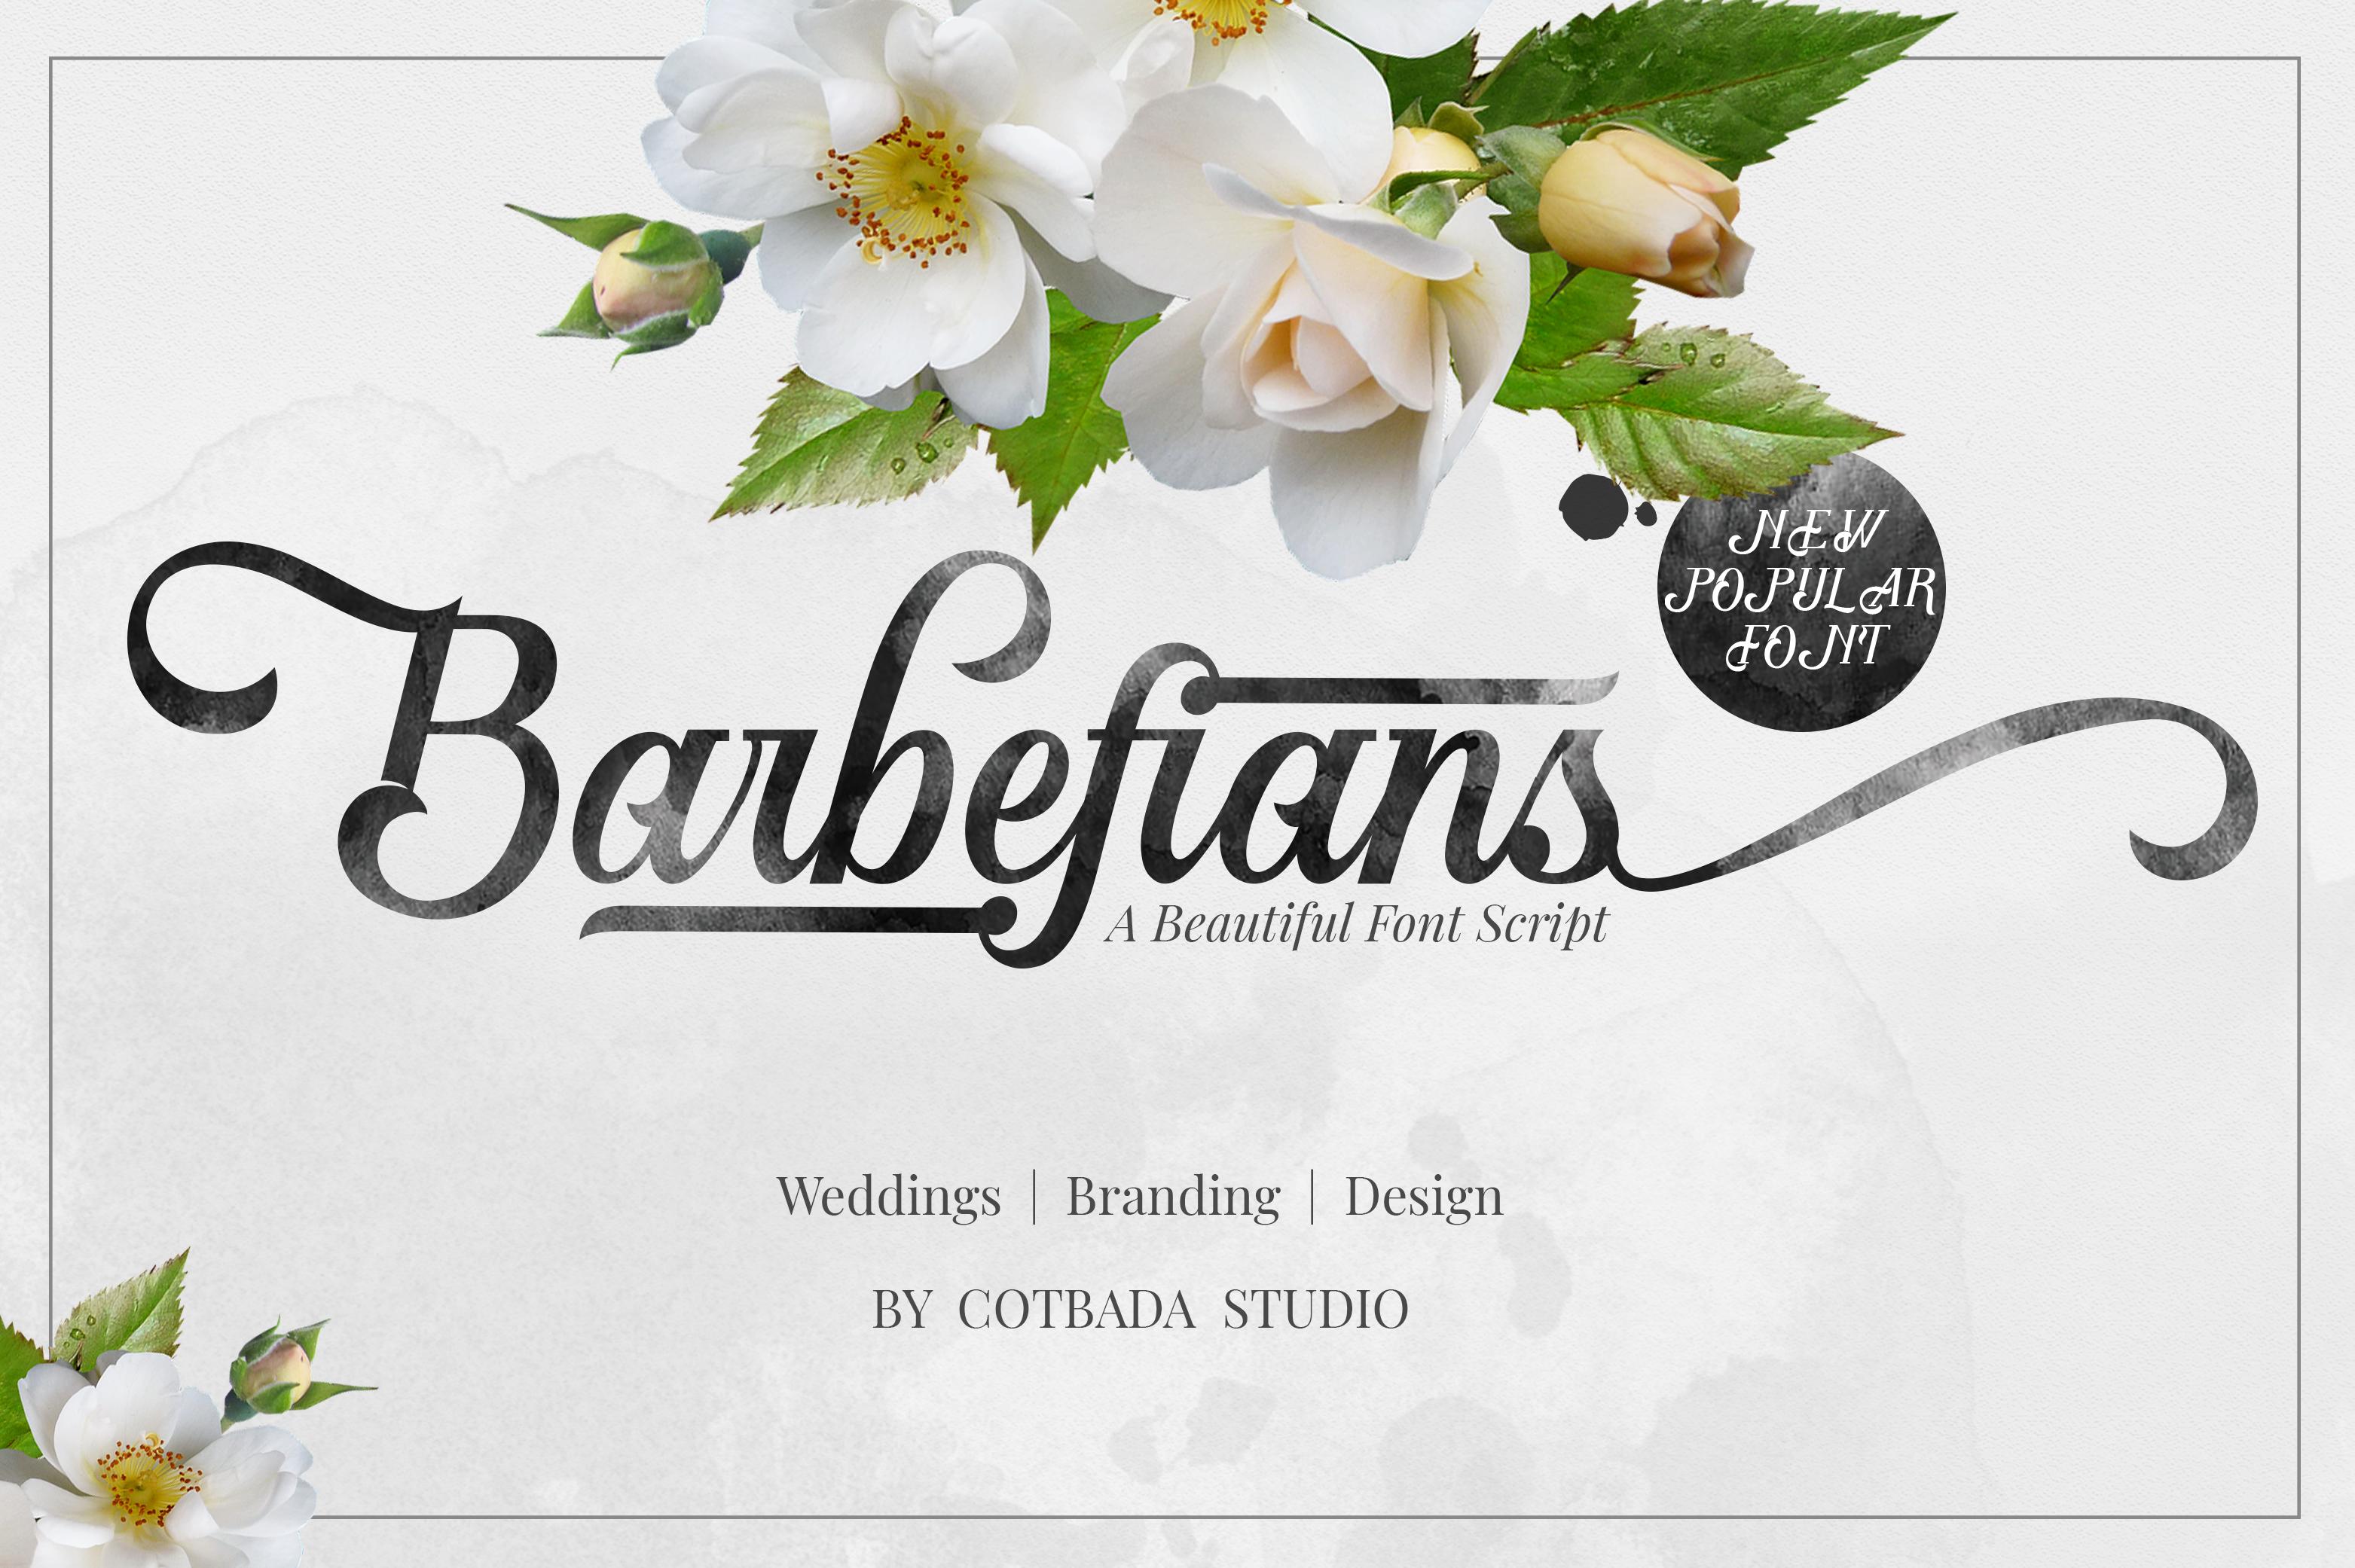 Barbefians Font Script example image 1